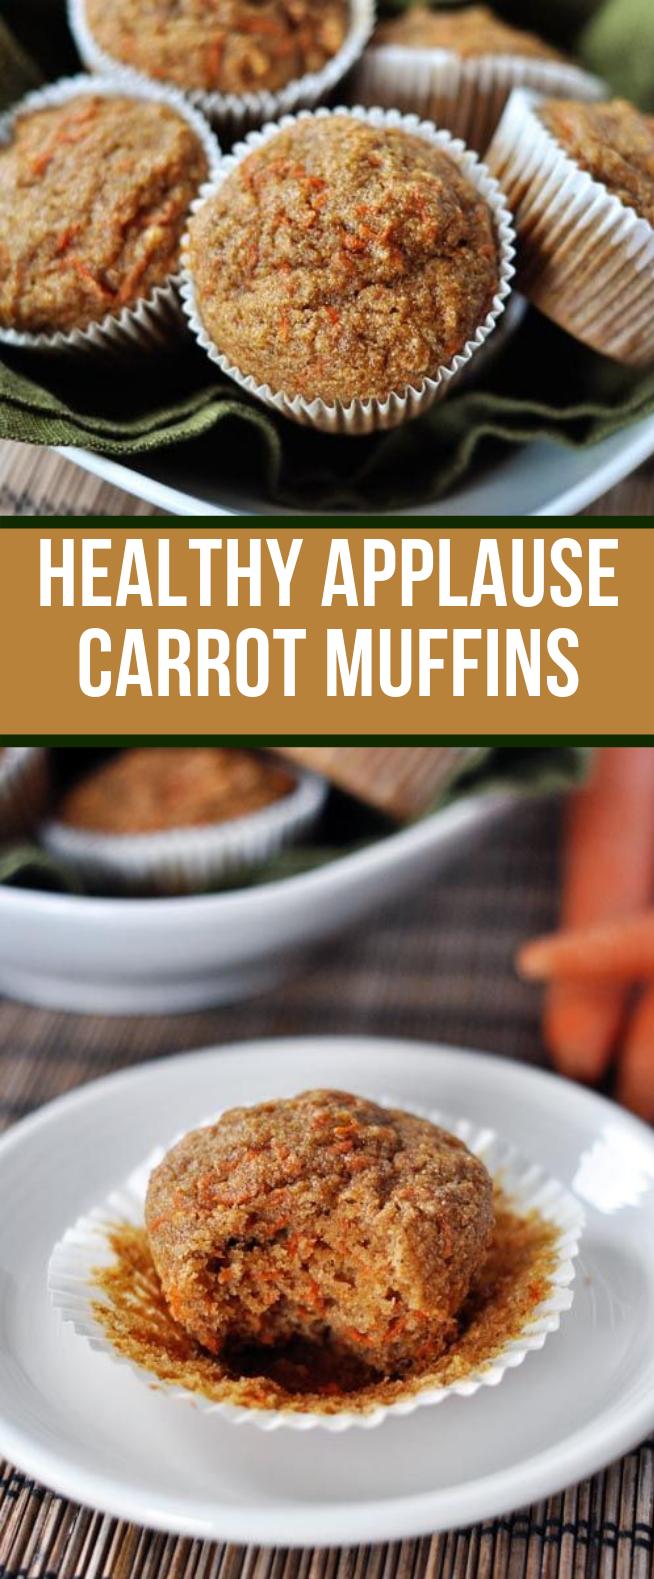 HEALTHY APPLESAUCE CARROT MUFFINS {A.K.A. CARROT CAKE MUFFINS} #Vegetarian #Lowsugar